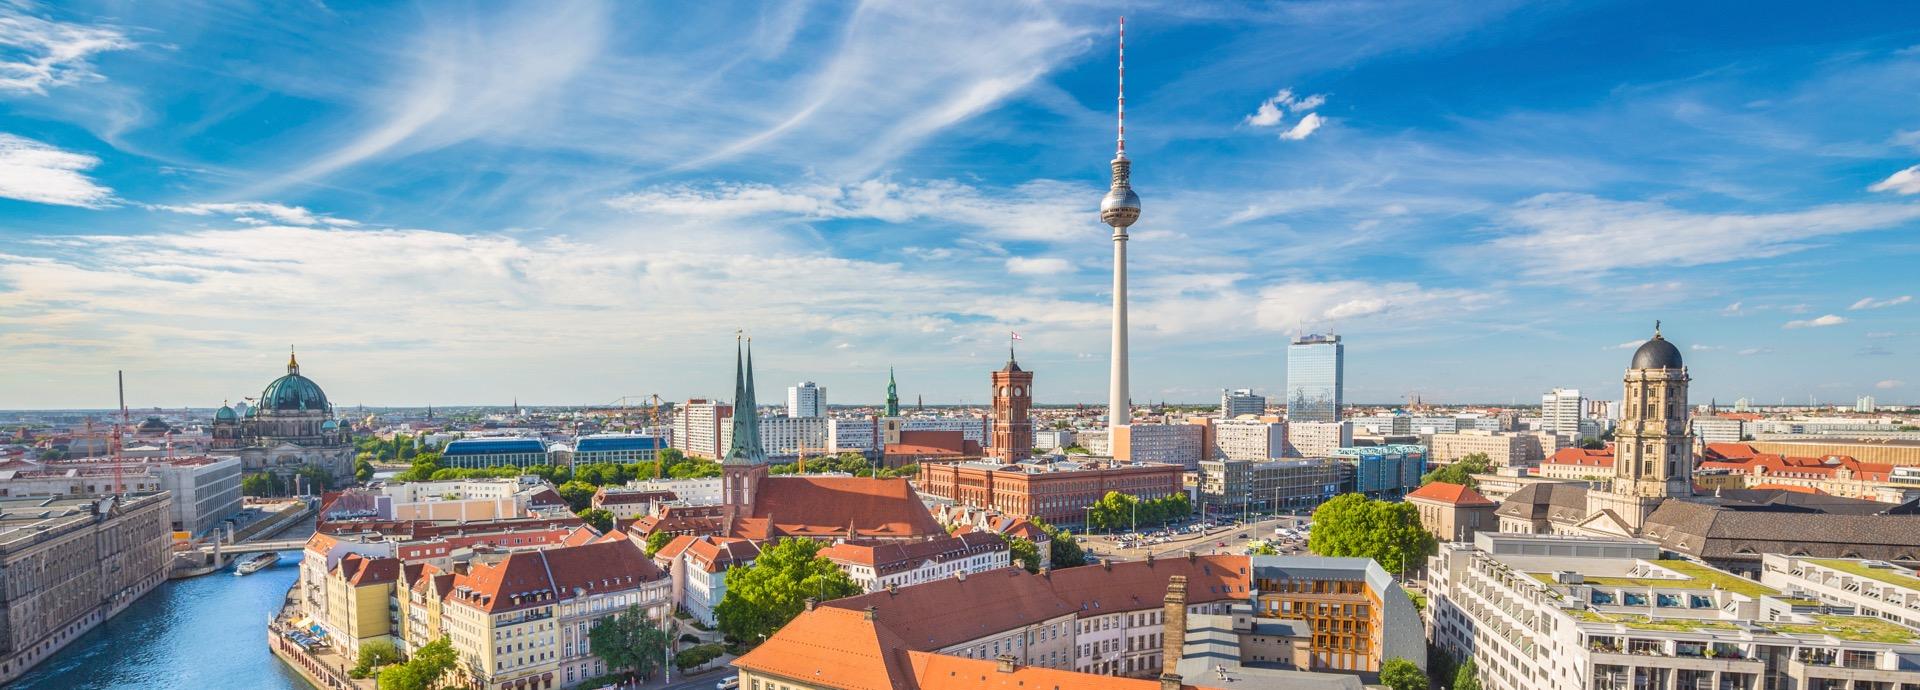 9 критериев выбора города для бизнес-иммиграции*